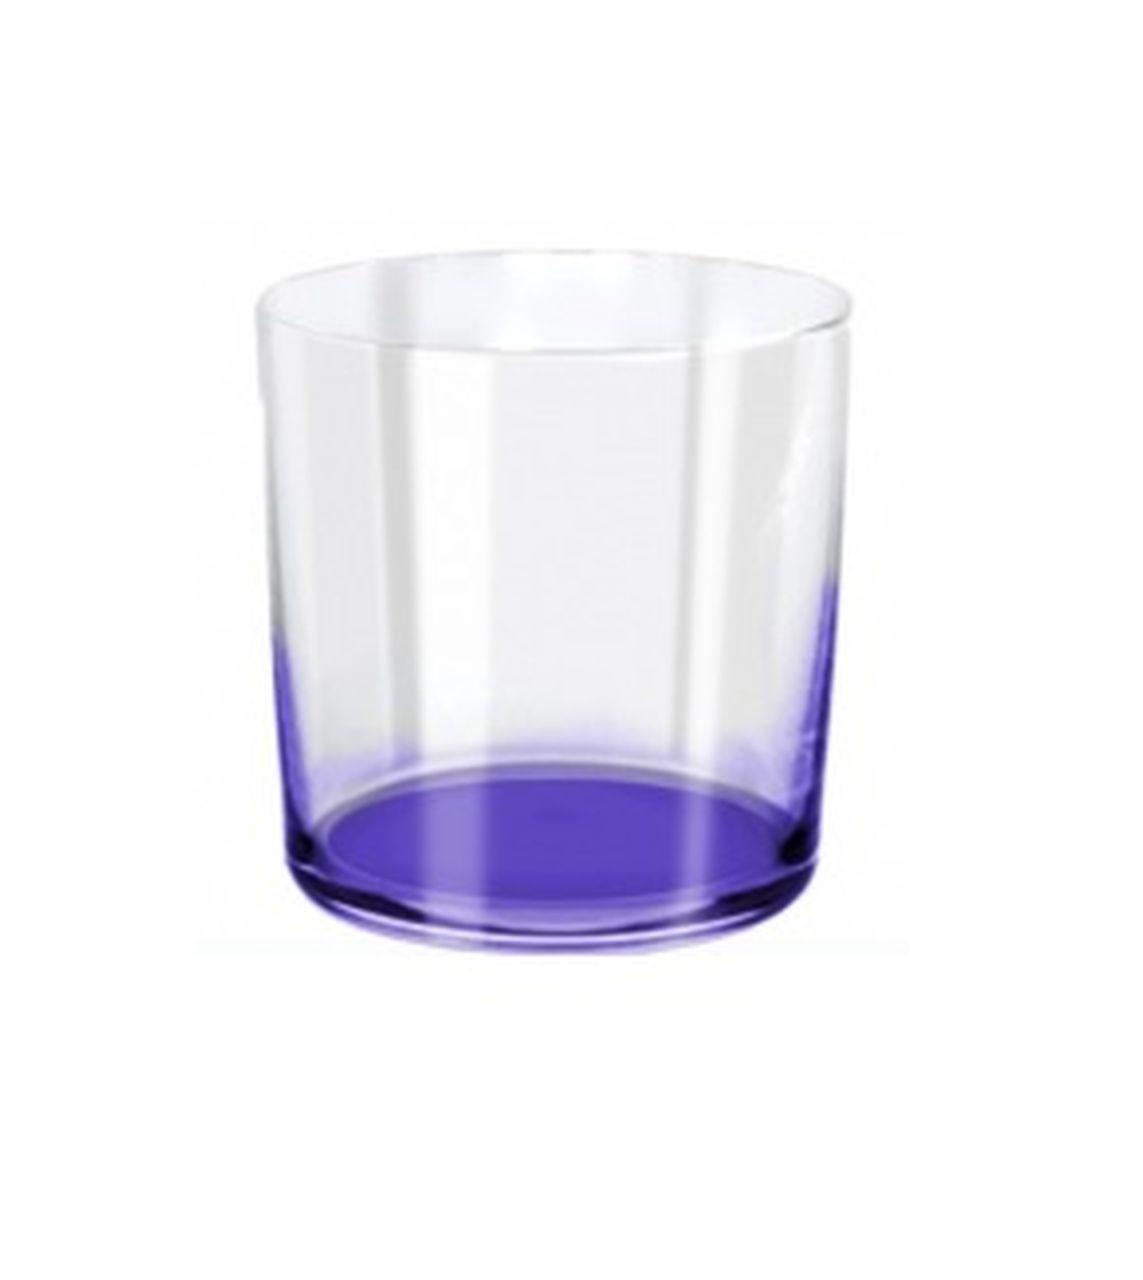 Bicchieri acqua in vetro cristallino ml 390 stile burano cm.9,1h diam.8,6